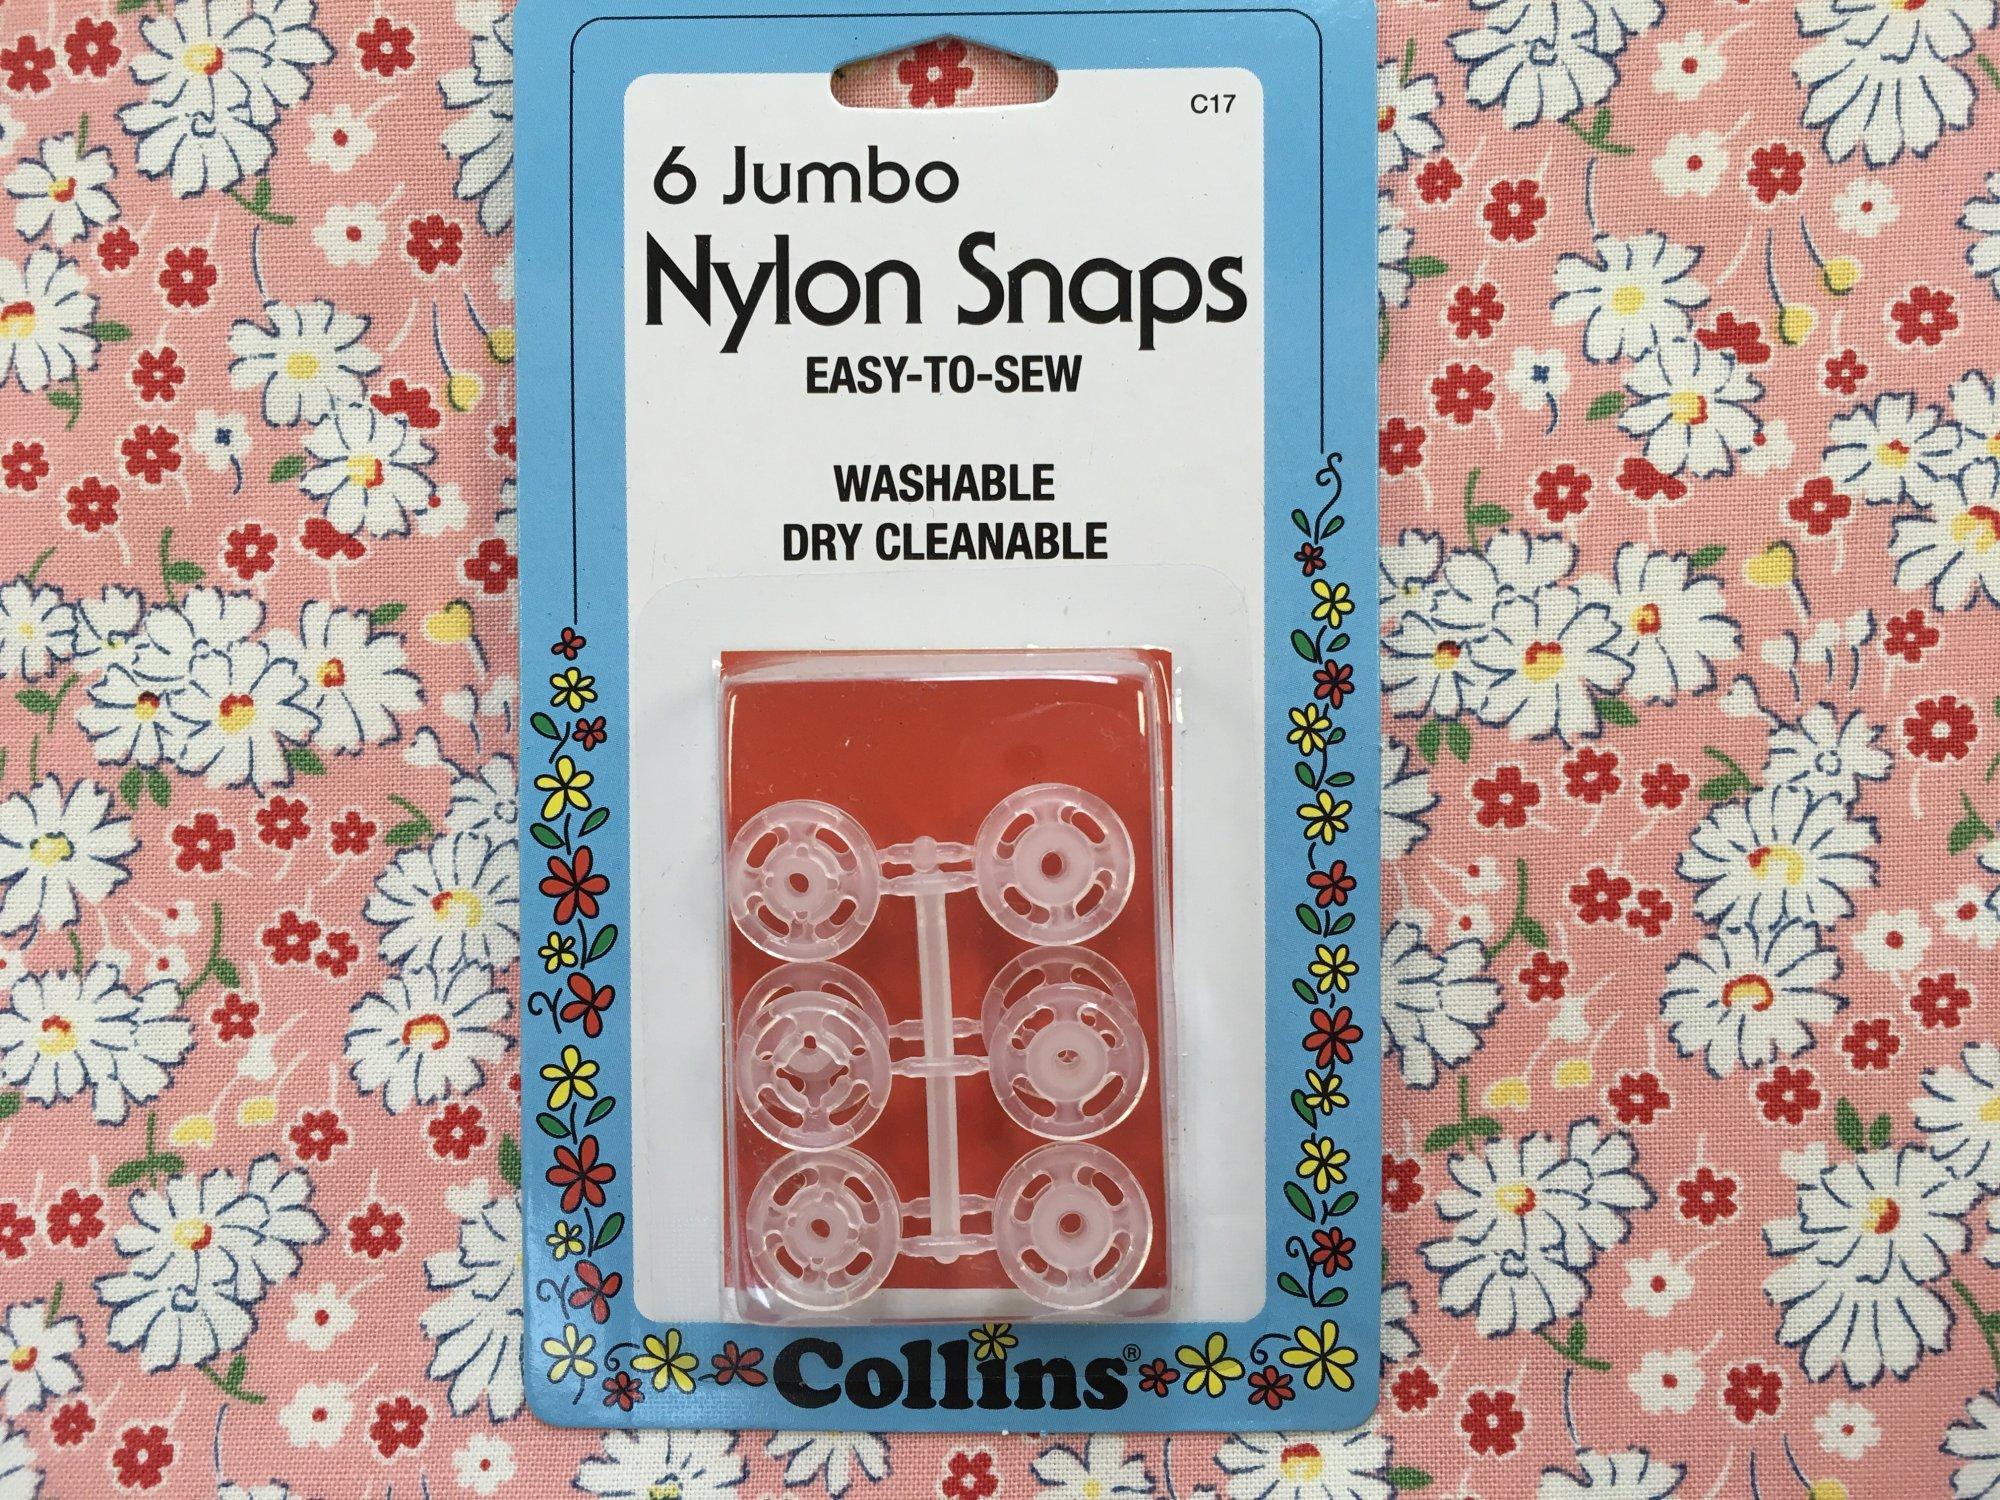 6 Jumbo Nylon Snaps C17 by Collins